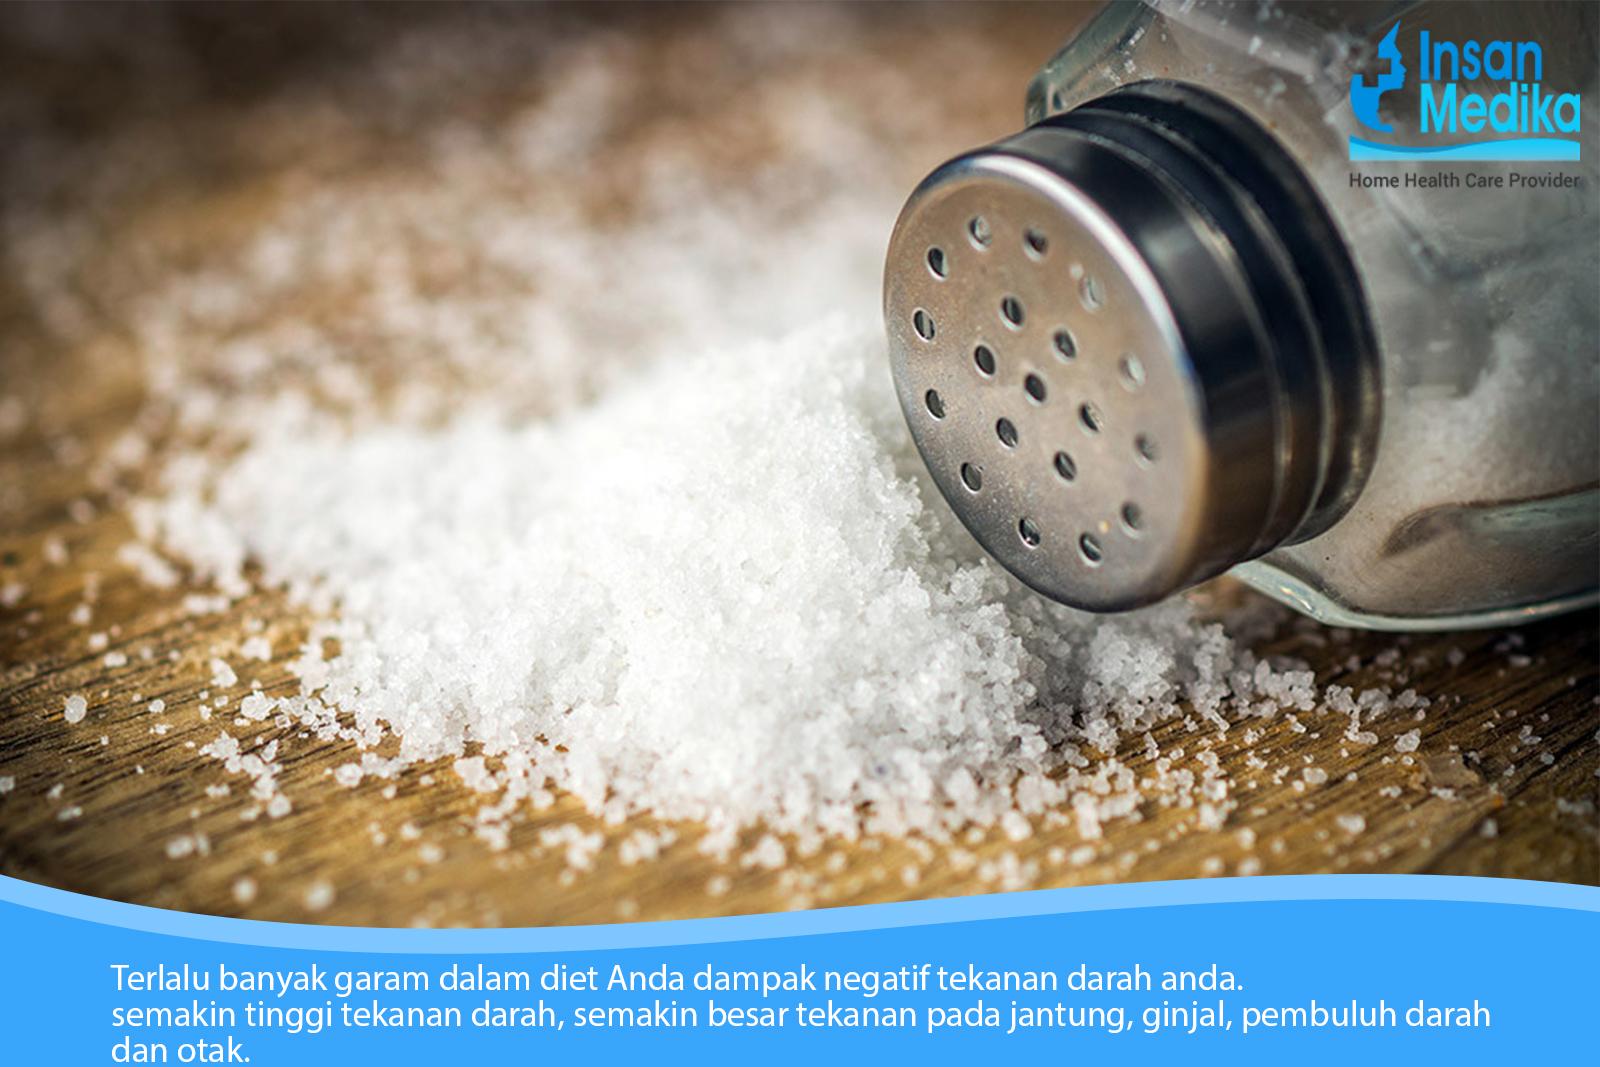 Garam adalah salah satu bahan makanan yang harus dihindari saat Imlek